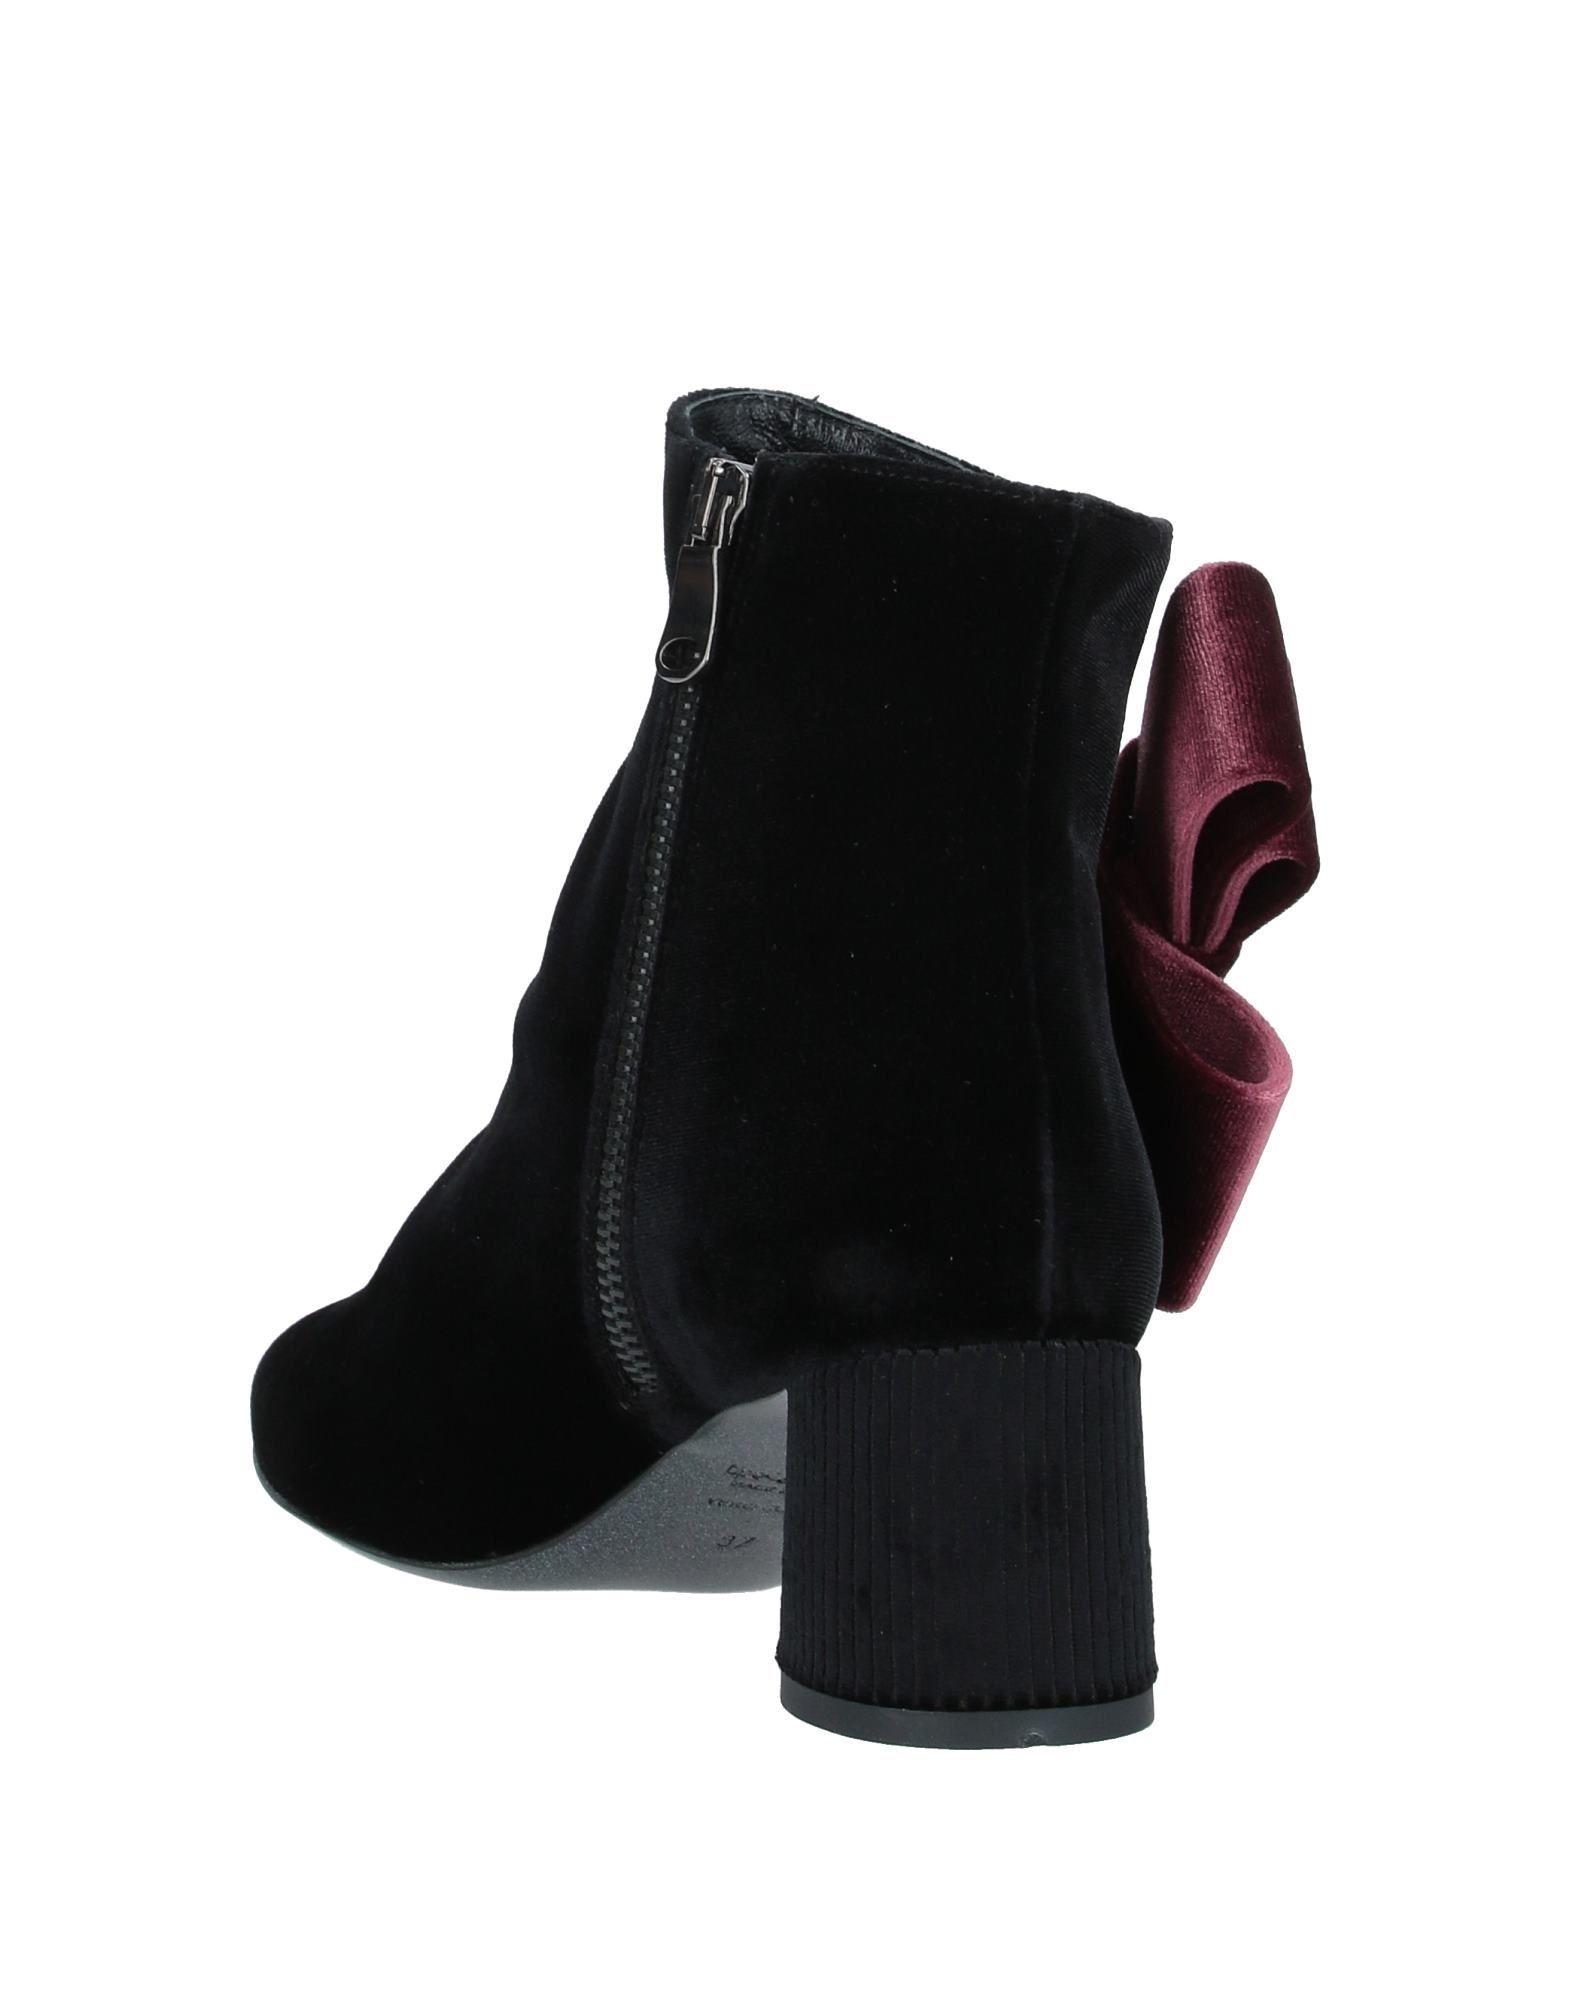 Tipe E Tacchi Women's Ankle Boots Black Textile Fibres